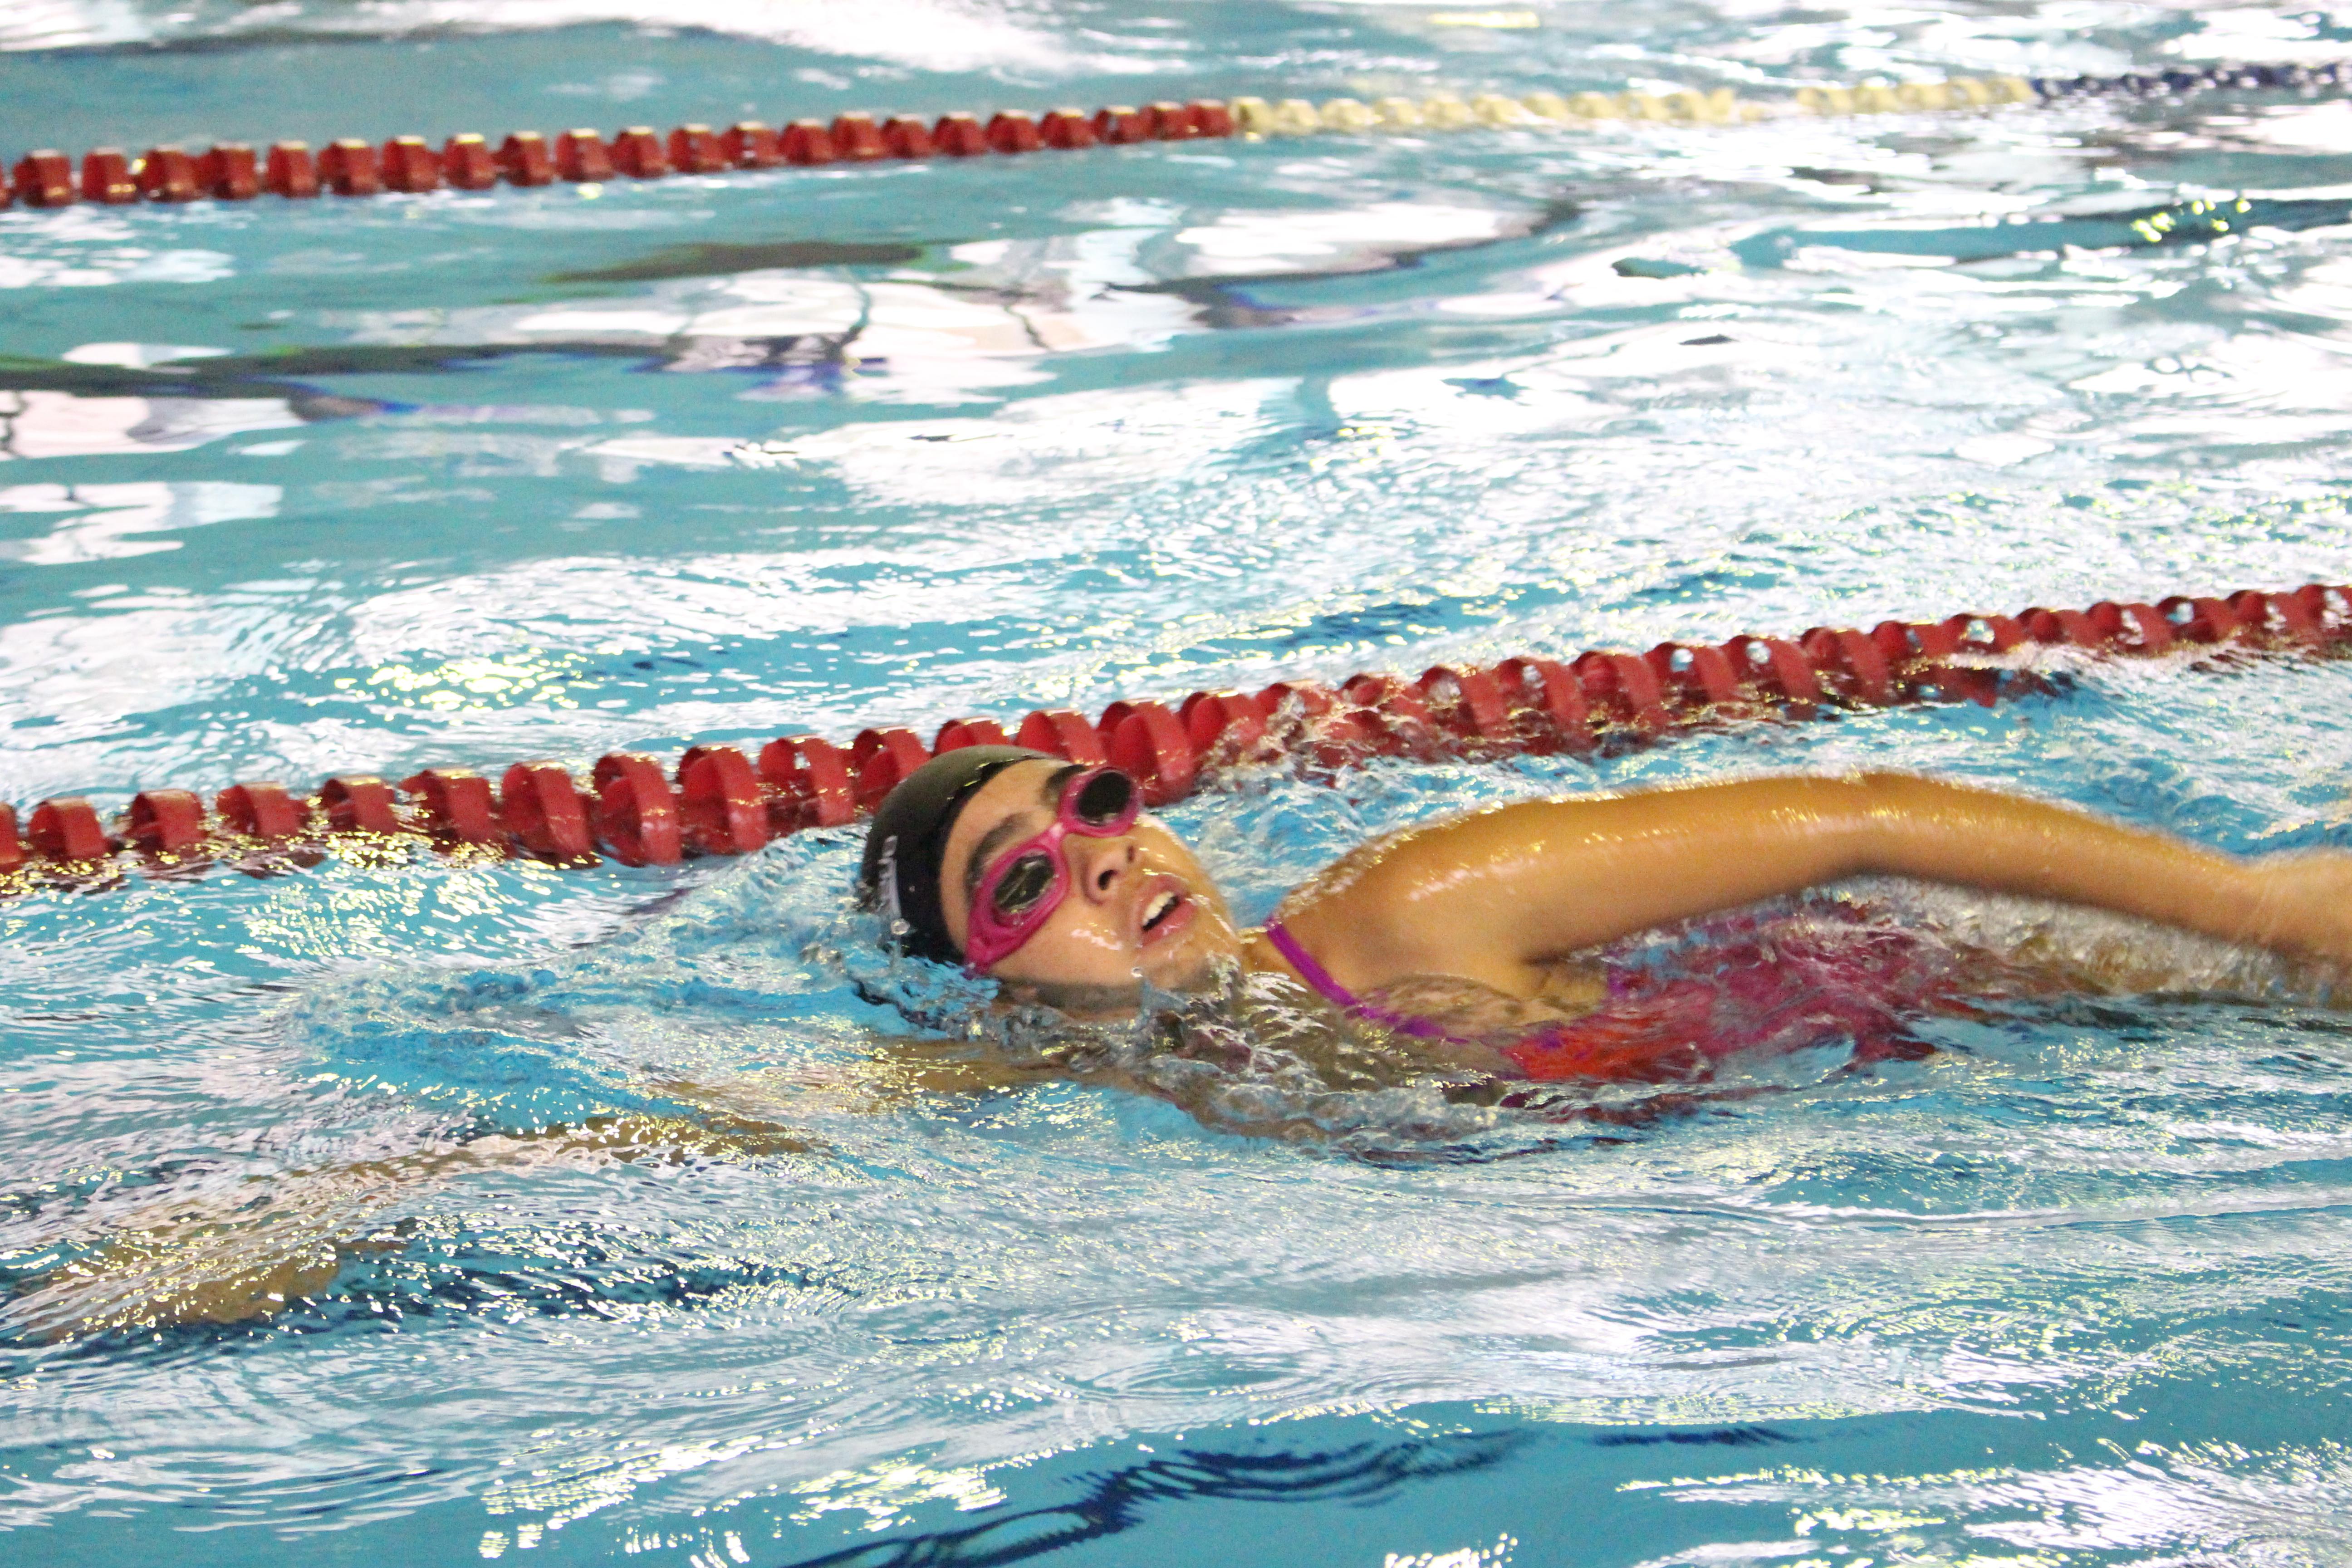 Vitória compete com seus óculos de natação vedados com fita isolante para  garantir a ausência de decf8196c4